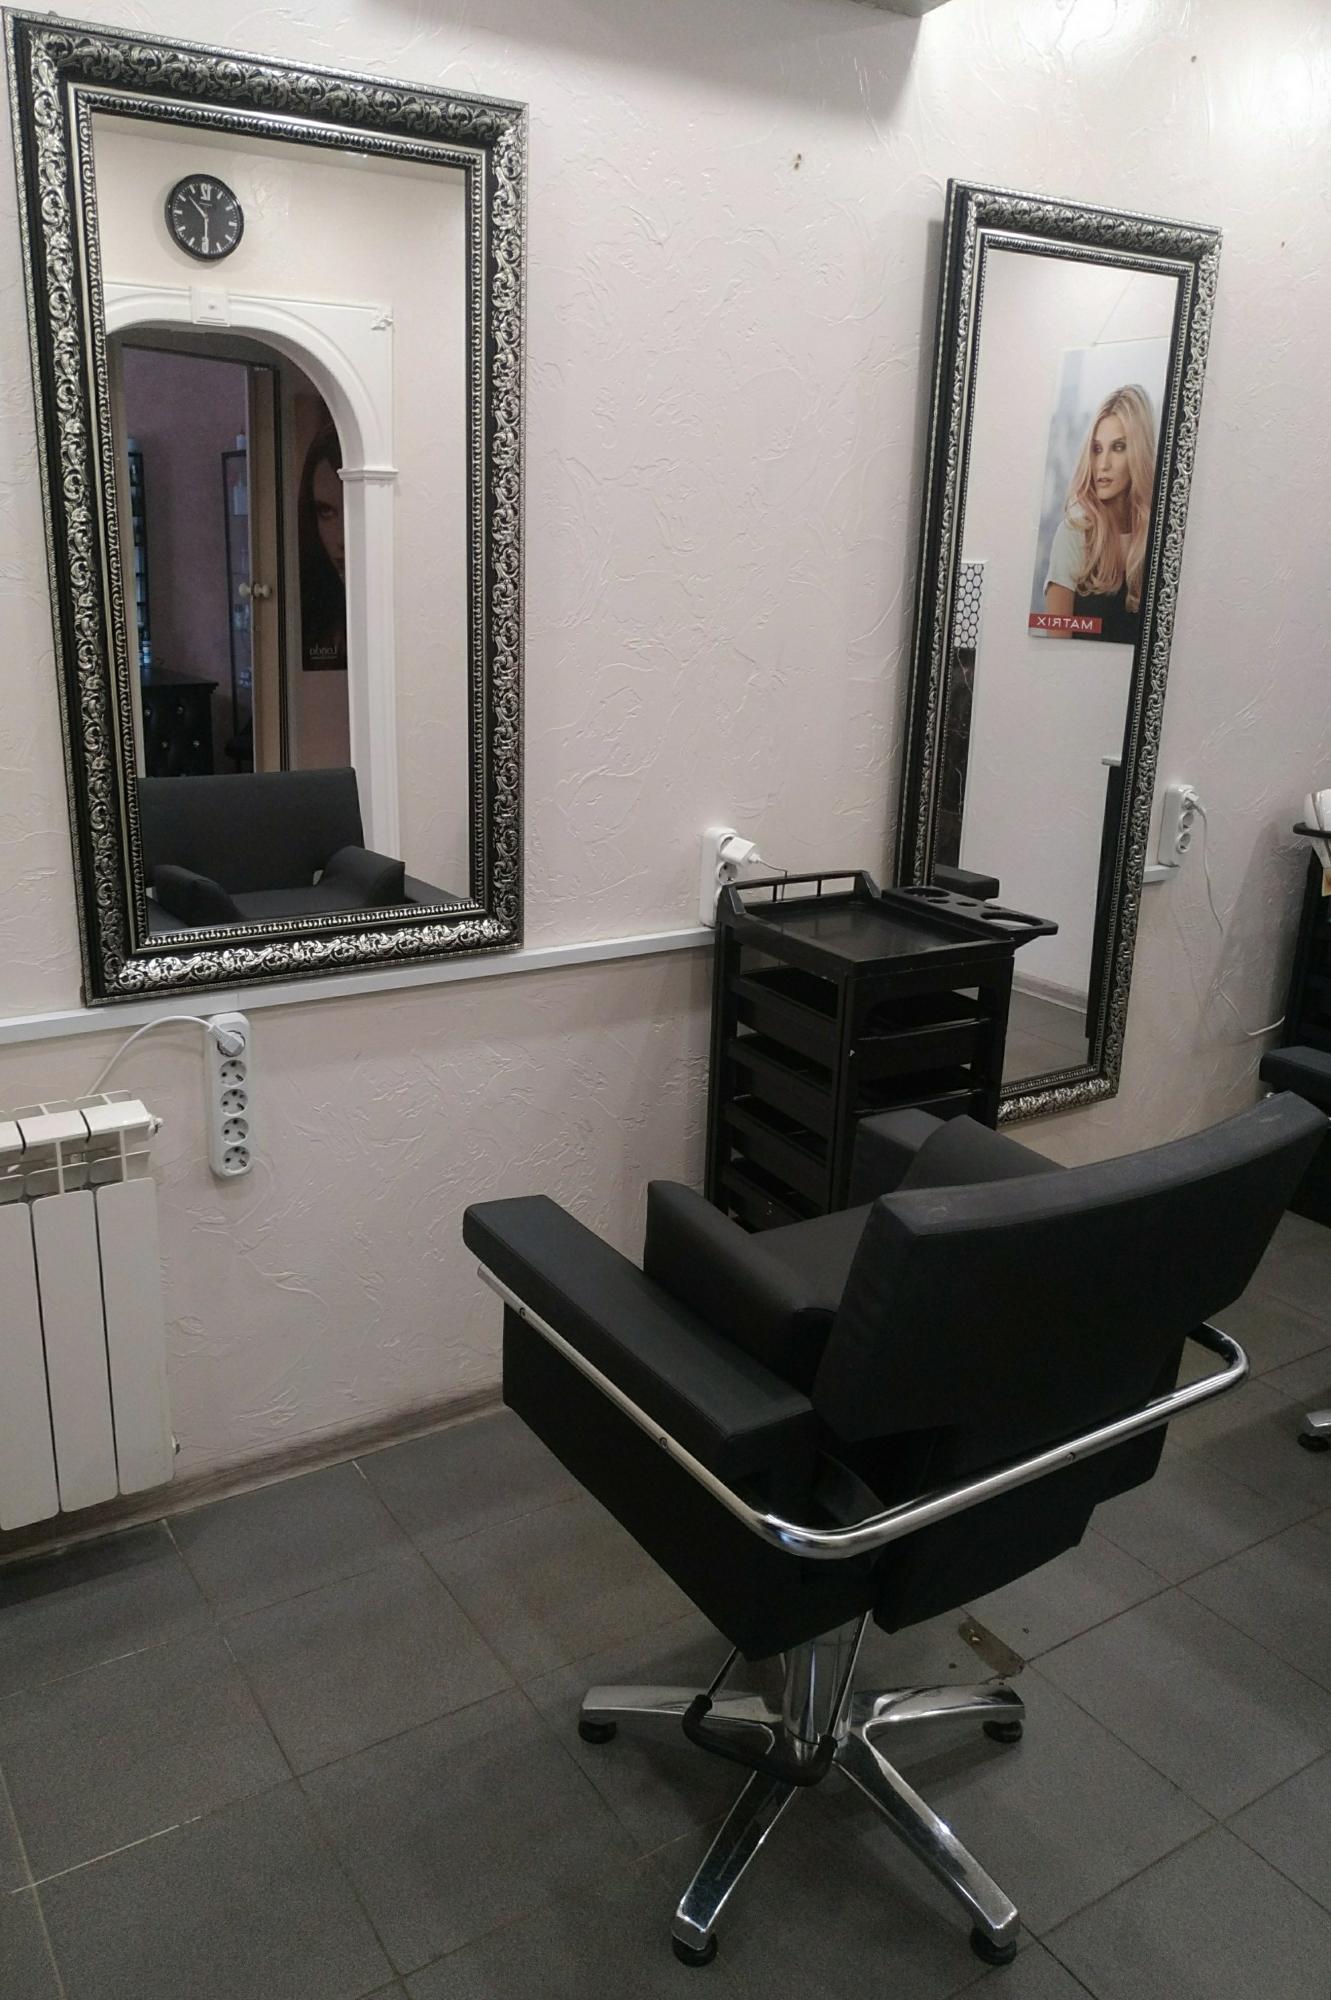 Аренда парикмахерского кресла в Москве 89680260128 купить 1